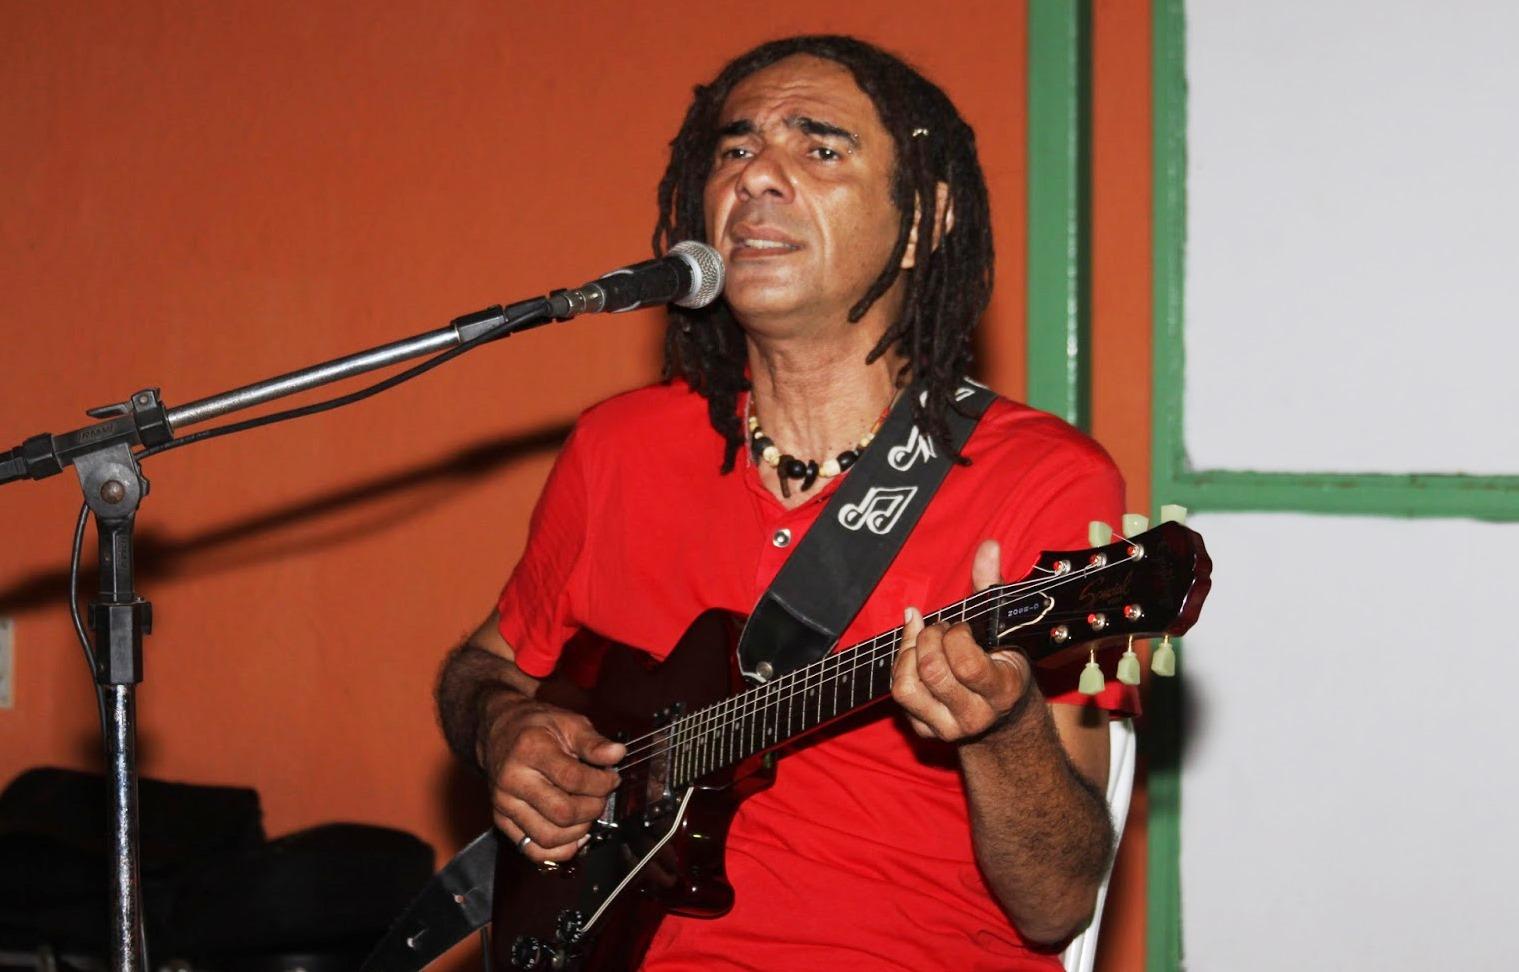 [DIA DA POESIA] Bardallos monta programação alternativa com sarau, feira livre e música